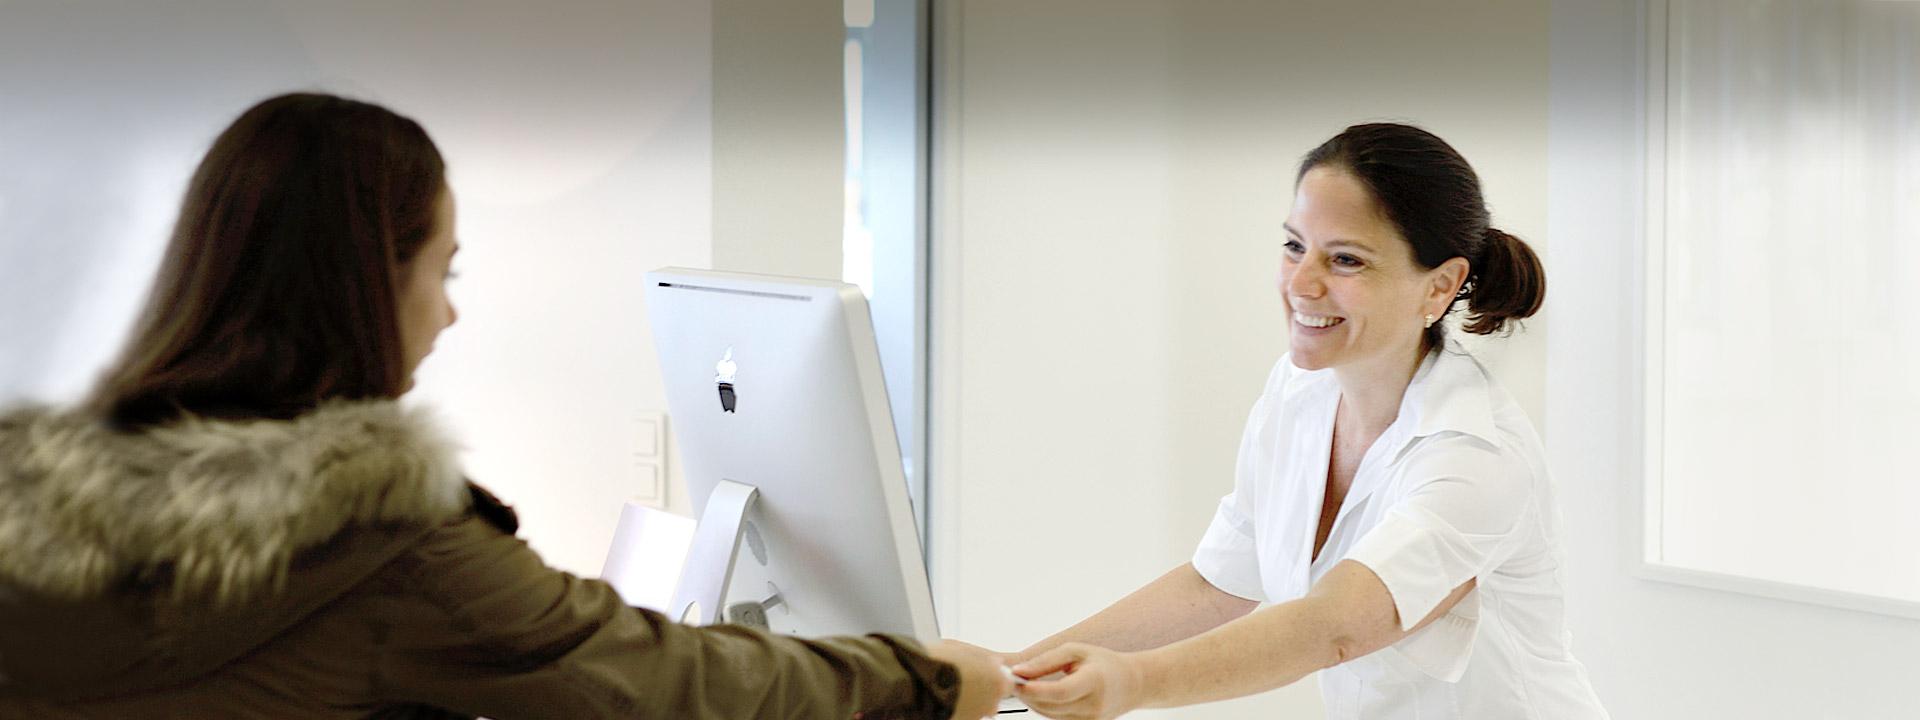 Dr. Dergham in Interaktion mit einer Patientin